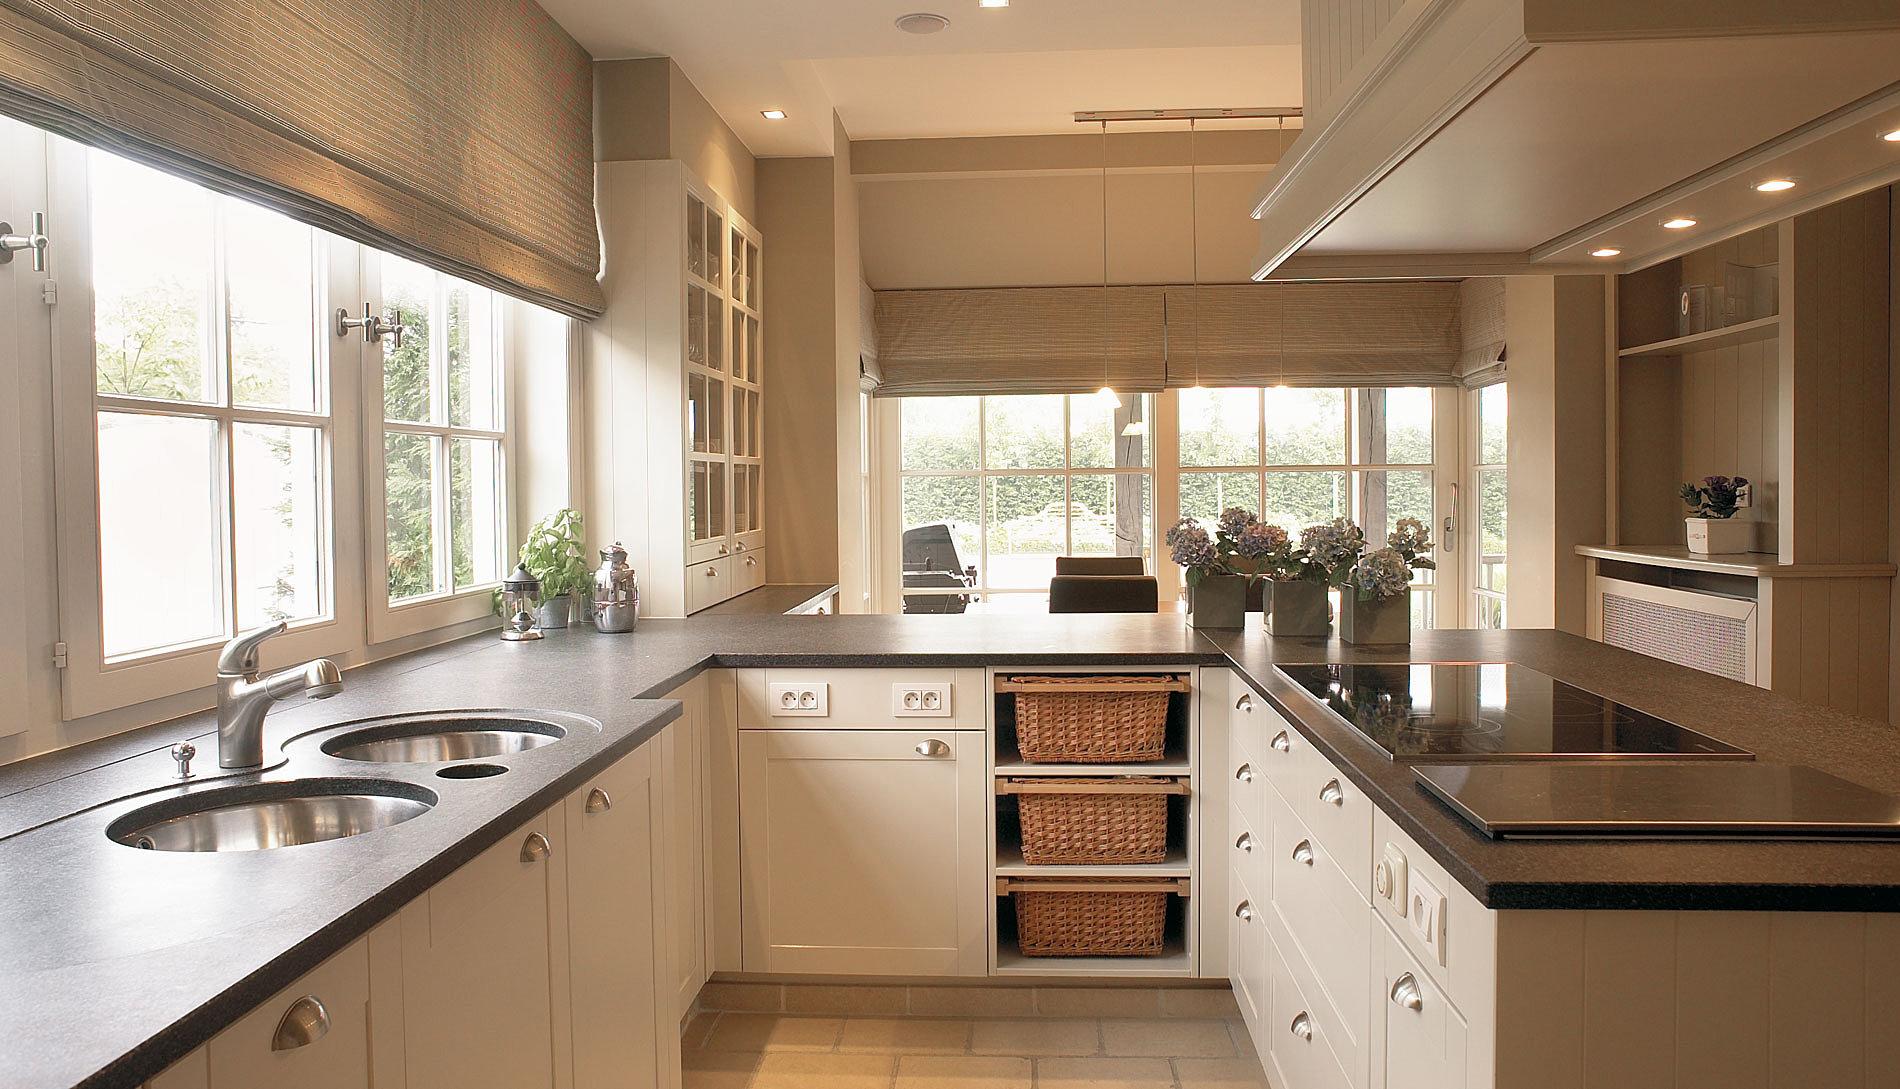 Keukens, badkamers en interieur. MP BUYL - Gent en omgeving ...